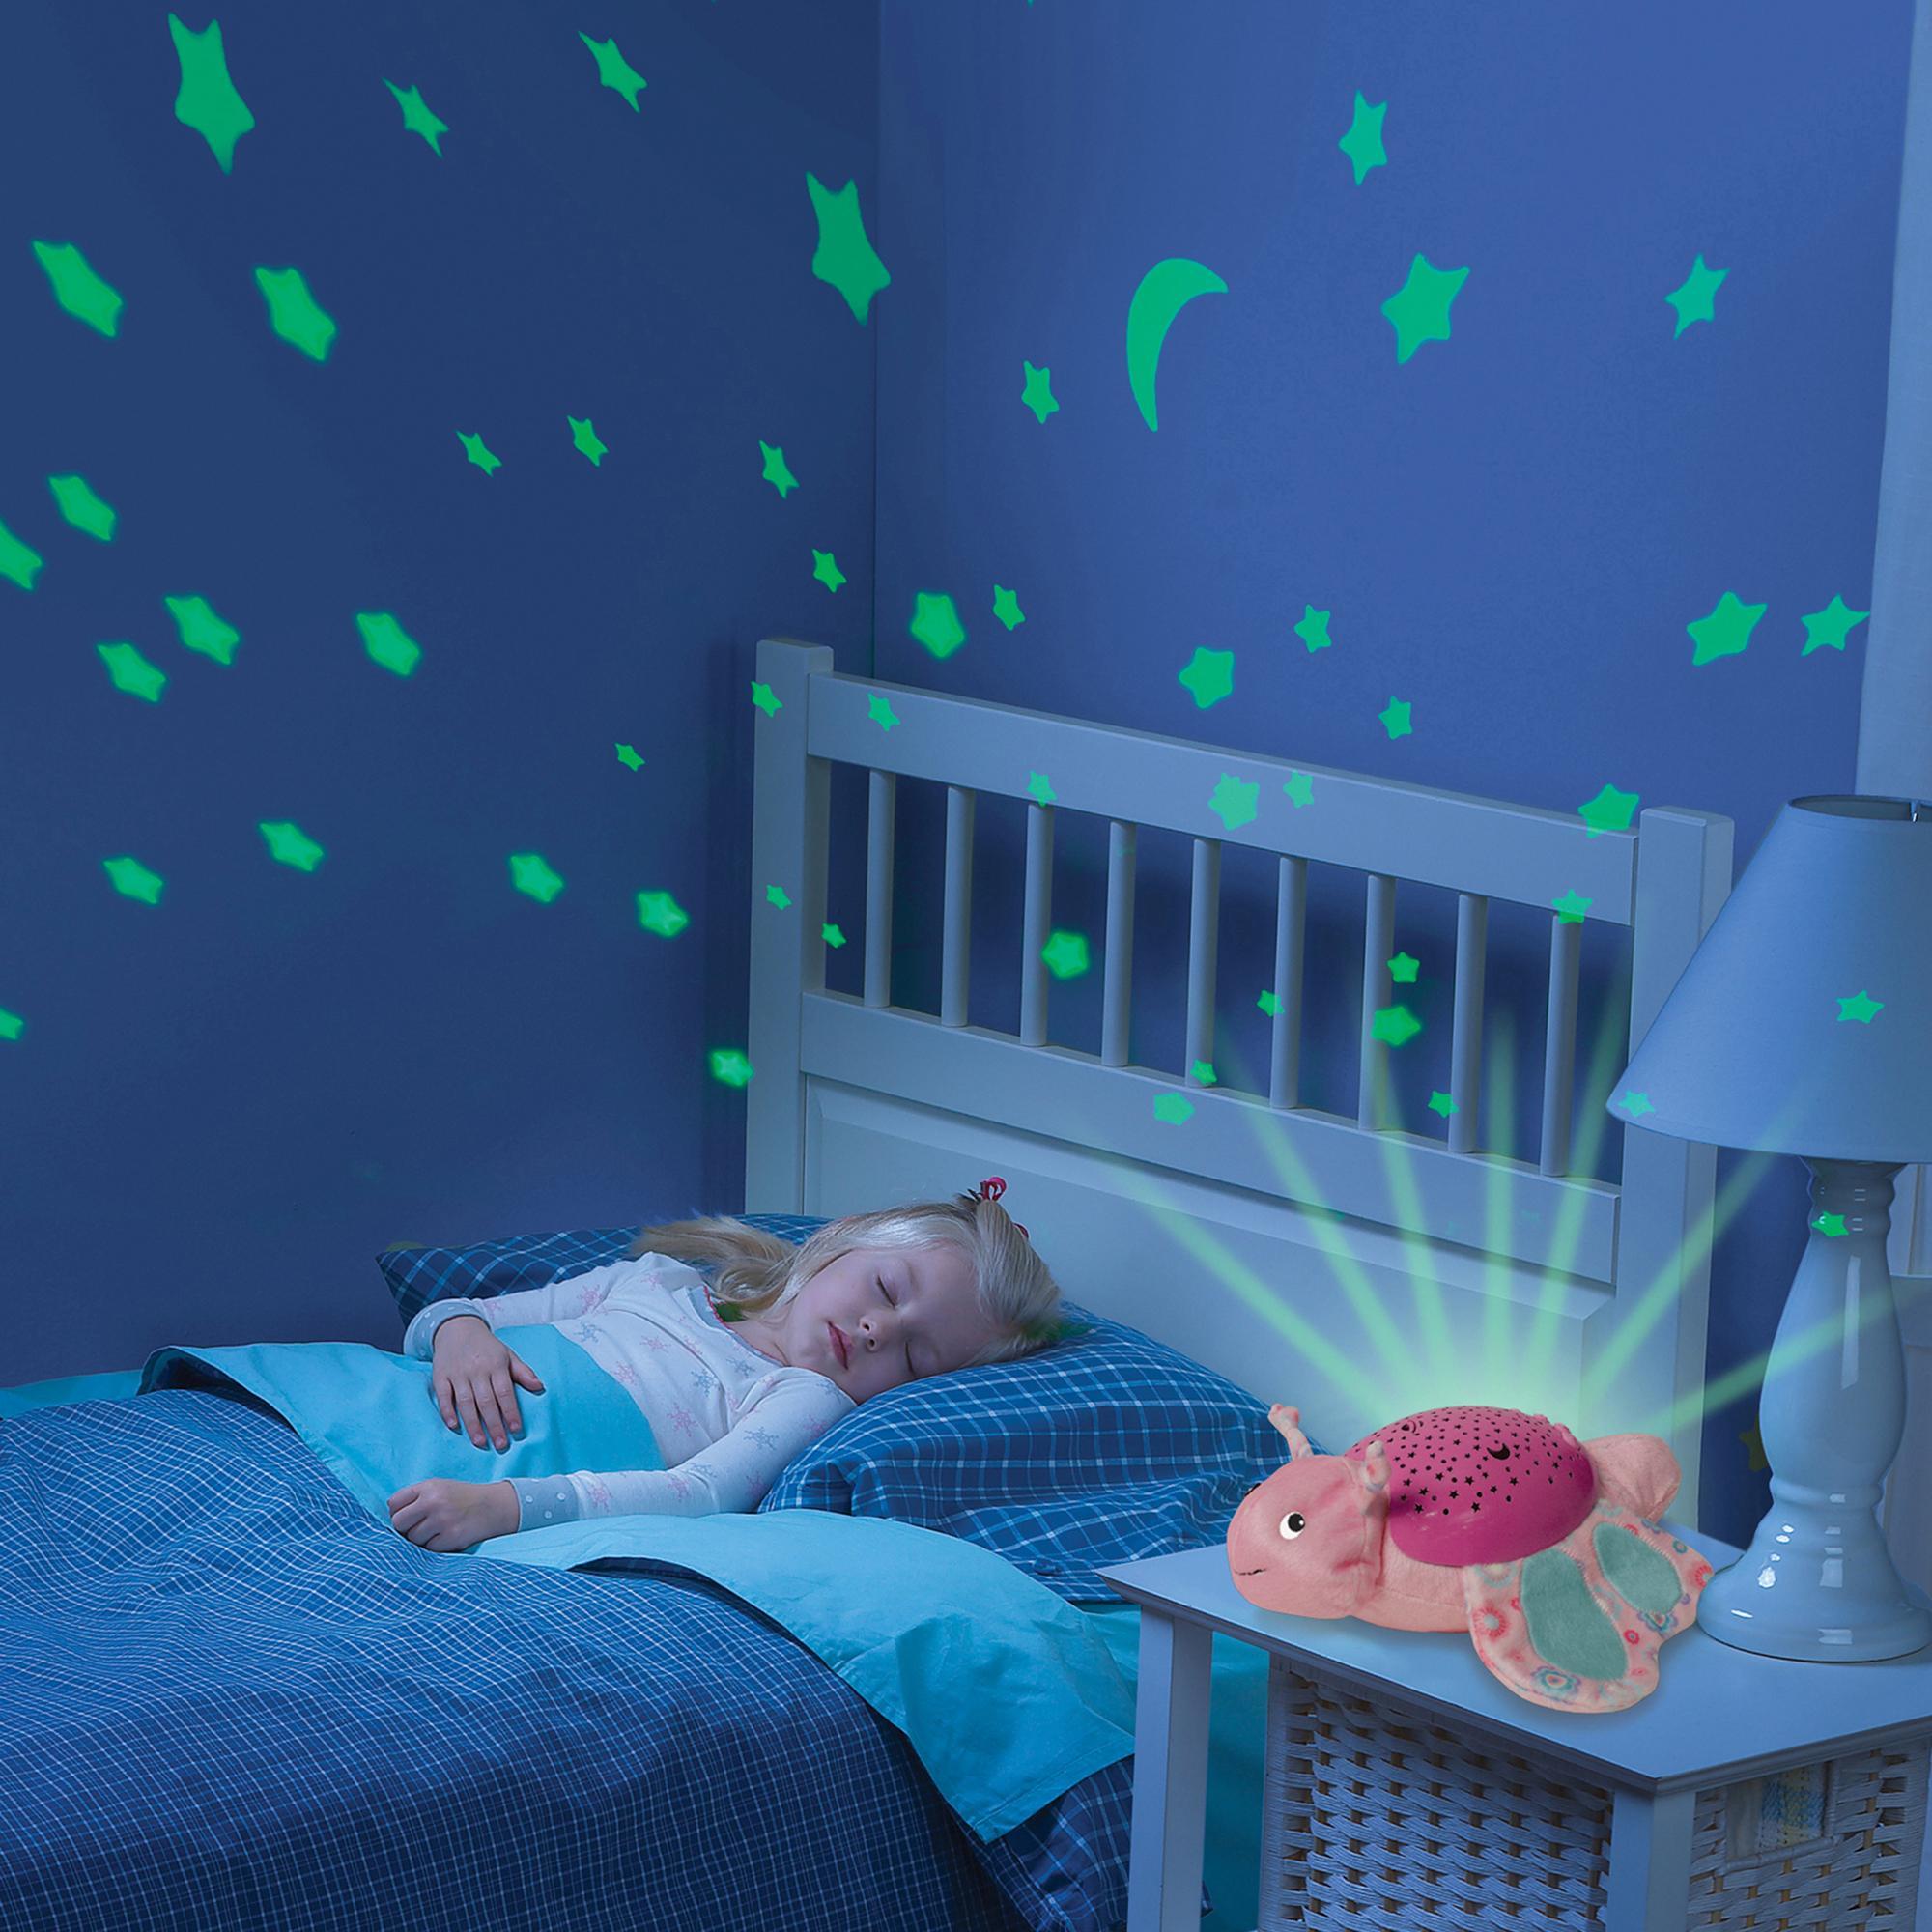 Slumber Buddies Night Light Projector Baby Nursery